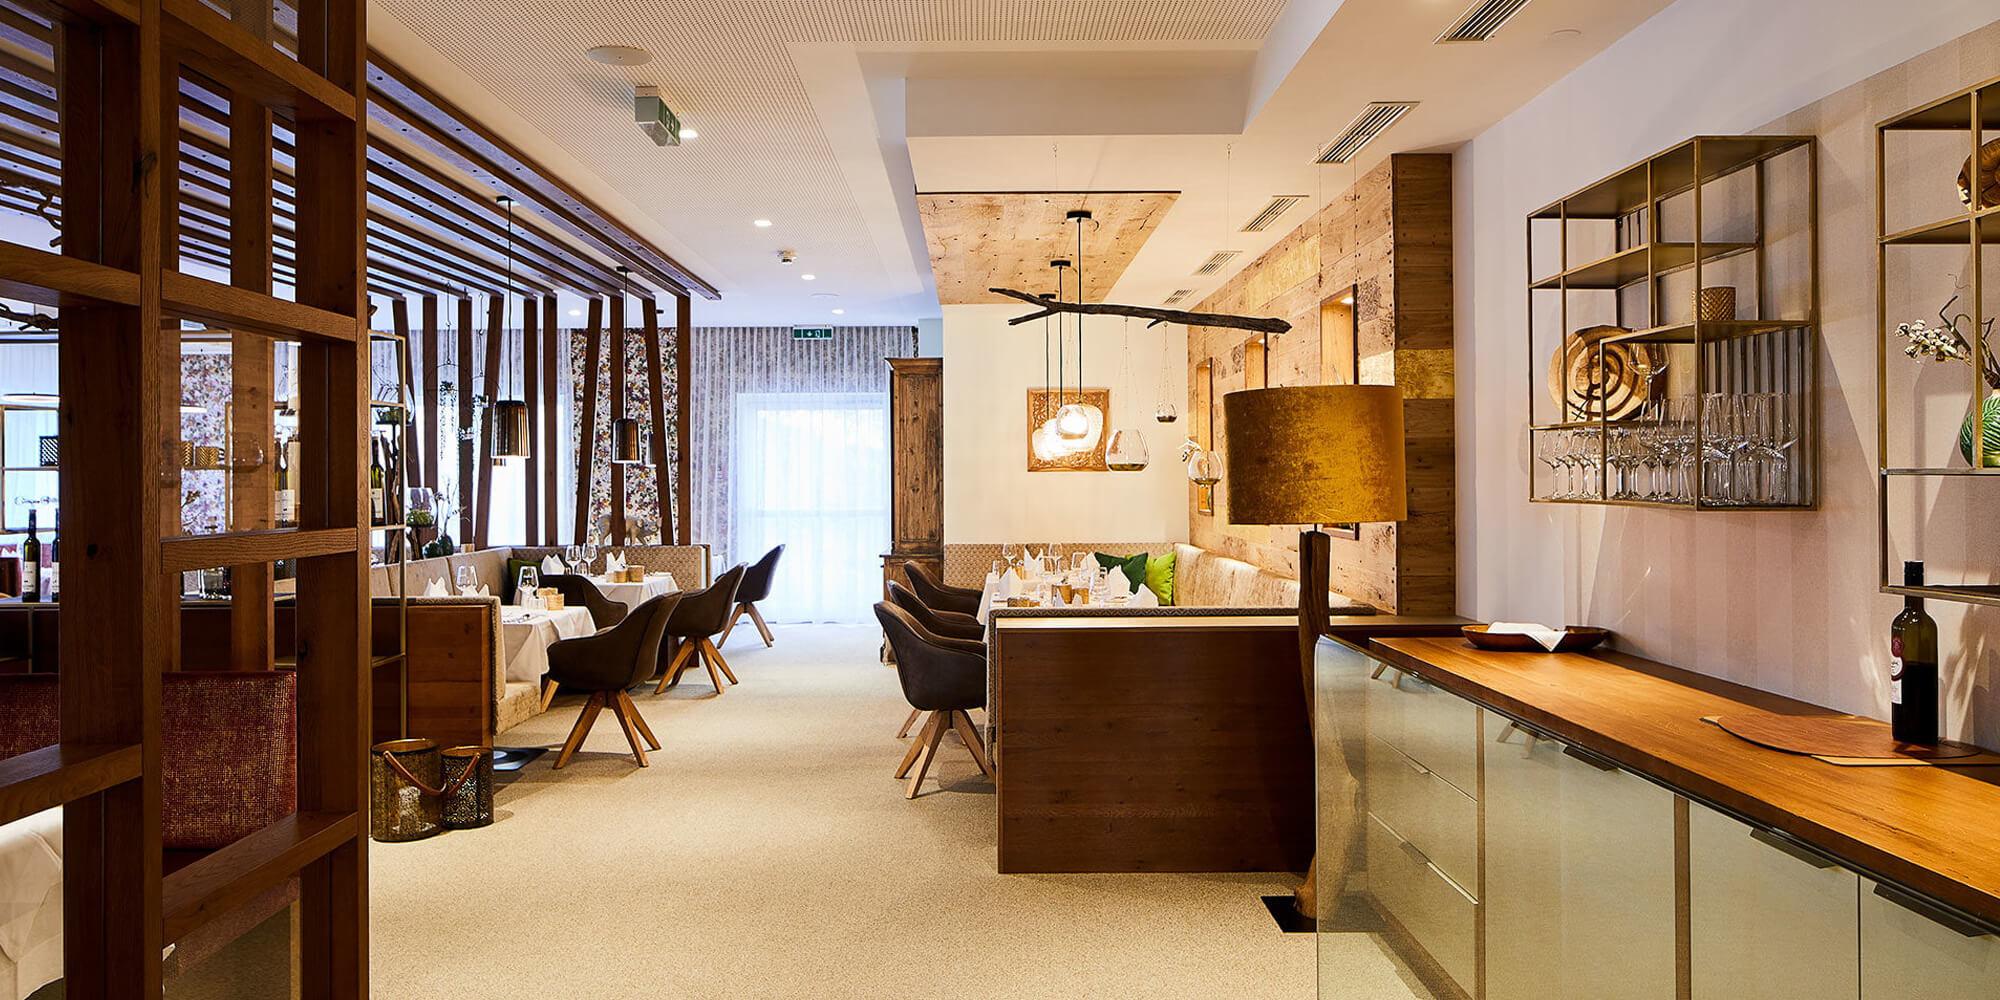 Crea-Plan-Design-Rauch-Frühmann-Architektur-Innenarchitektur-Design-Projekt-Referenz-Hotelerie-Gastronomie-Hotel-Guglwald-Restaurant-D